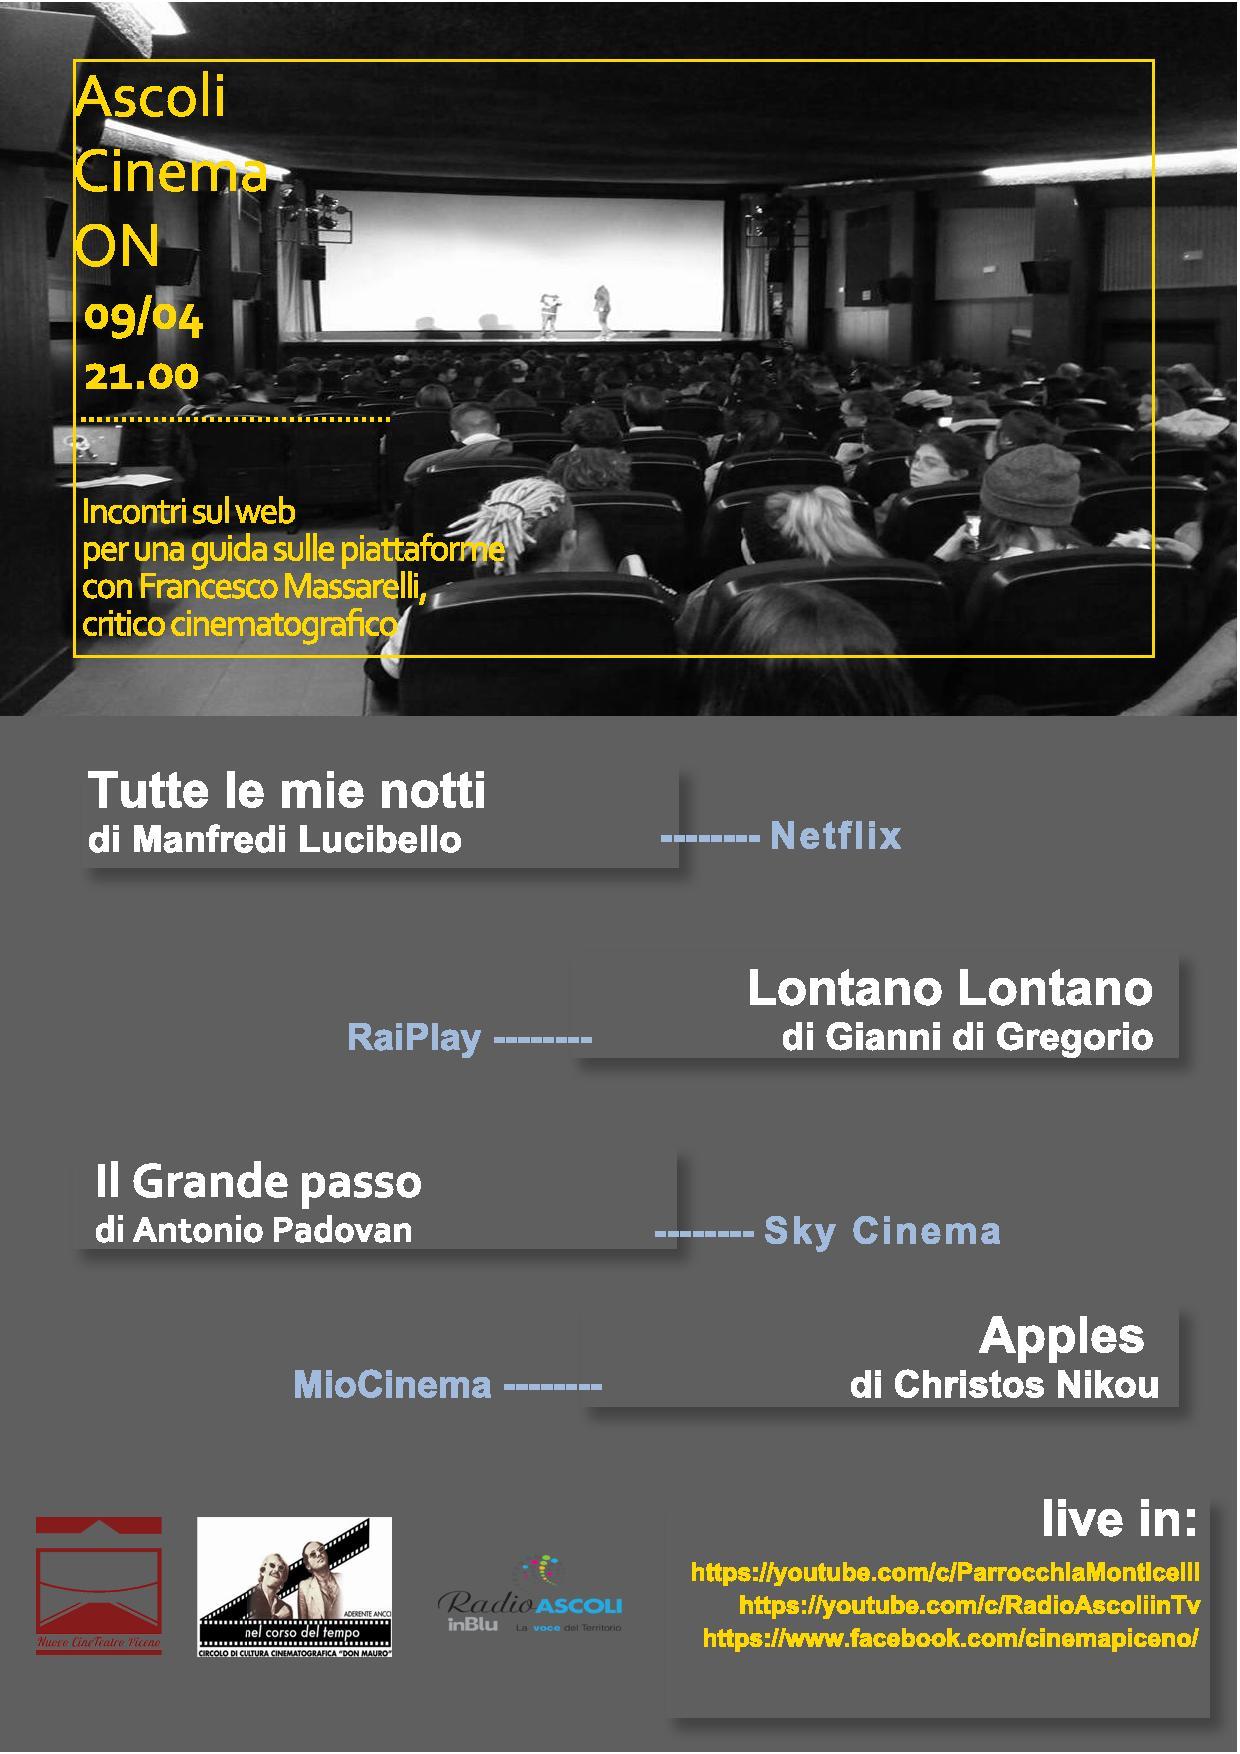 Secondo Appuntamento Ascoli Cinema On - Locandina